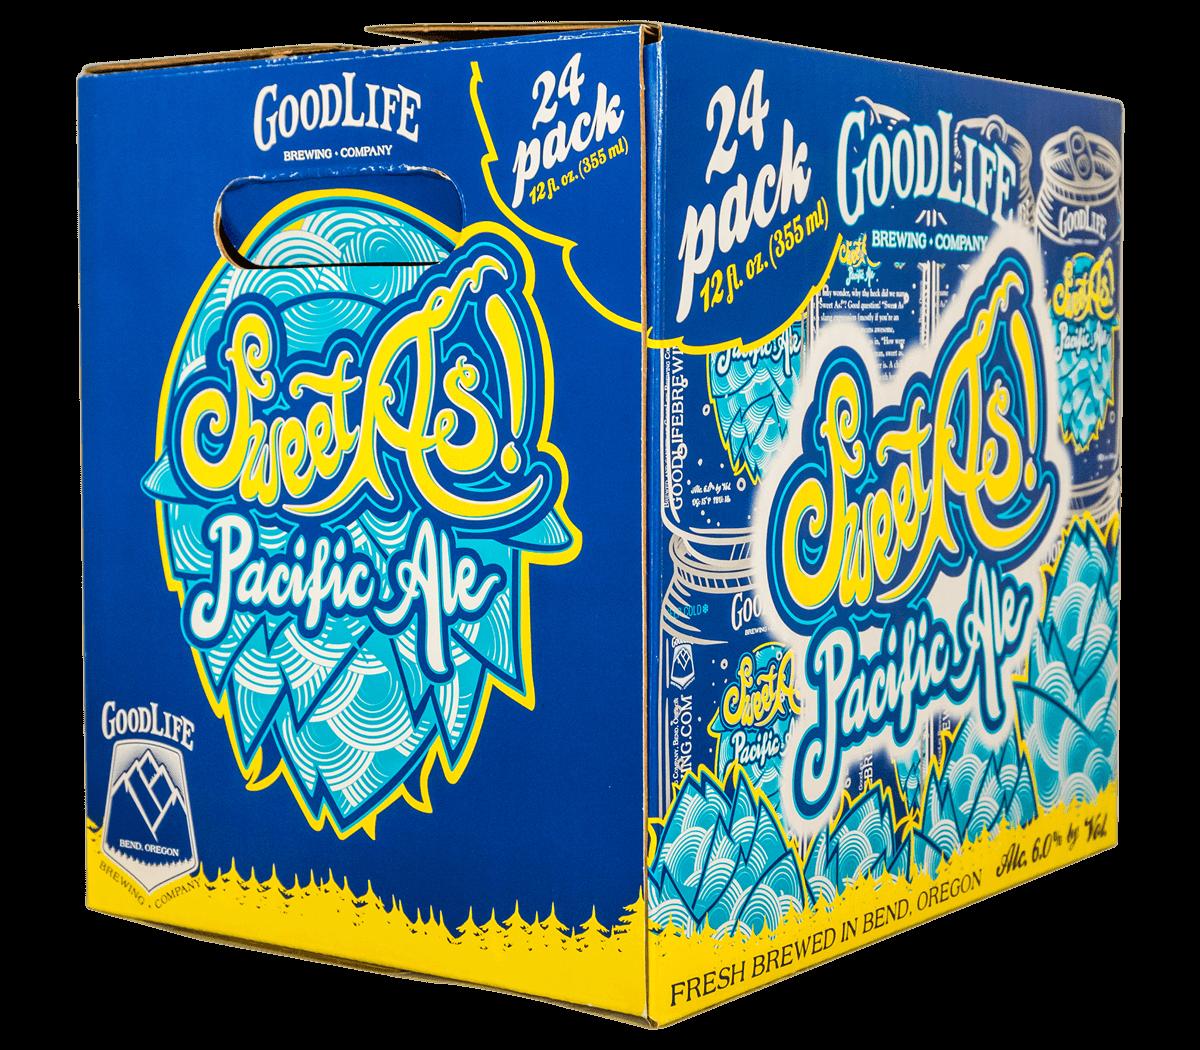 SweetAs beer design by Crowerks